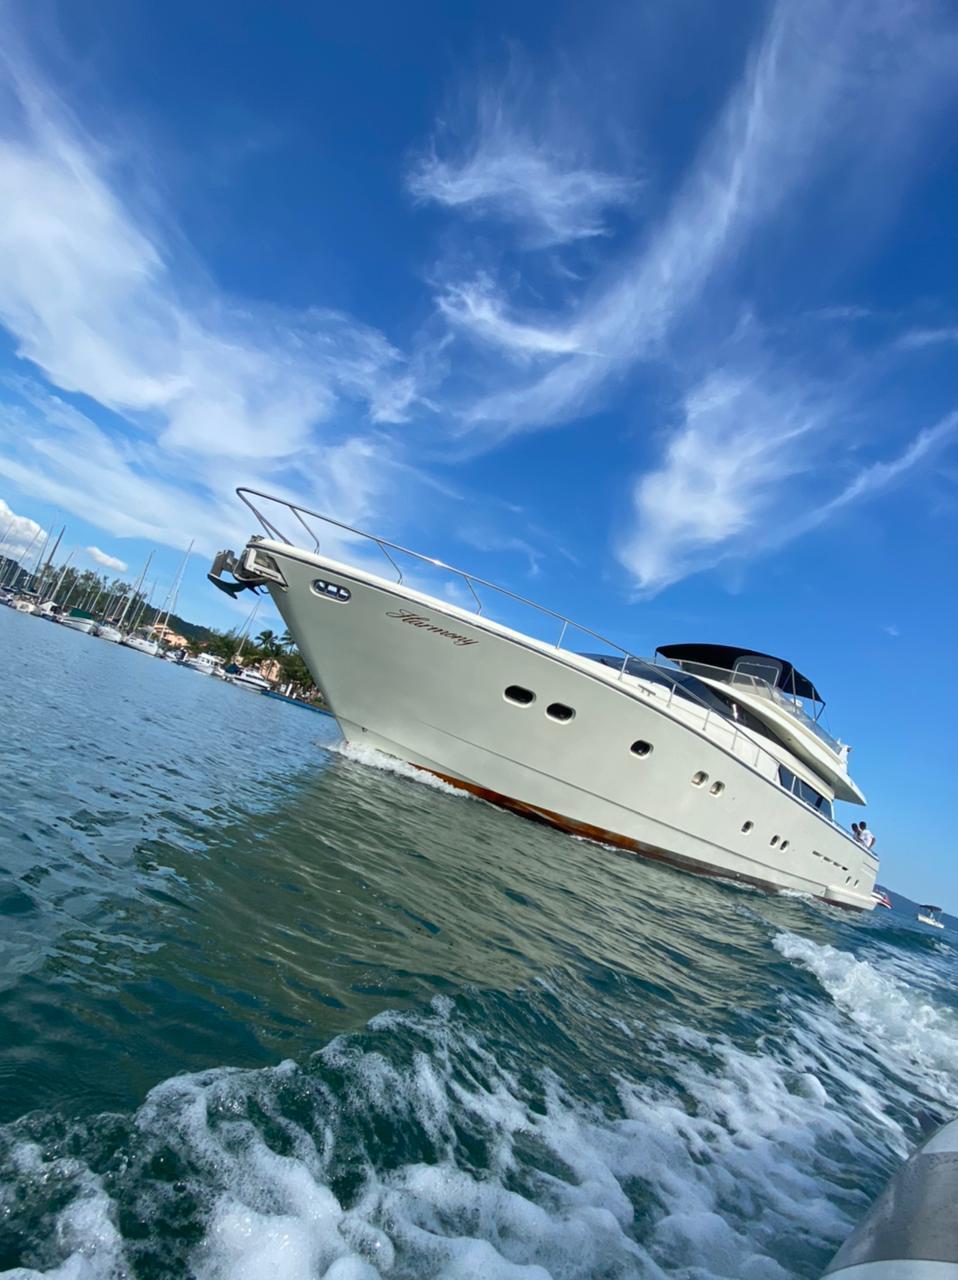 Compartilhamento reduz em até 85% o custo das embarcações - Arquivo Pessoal/Divulgação